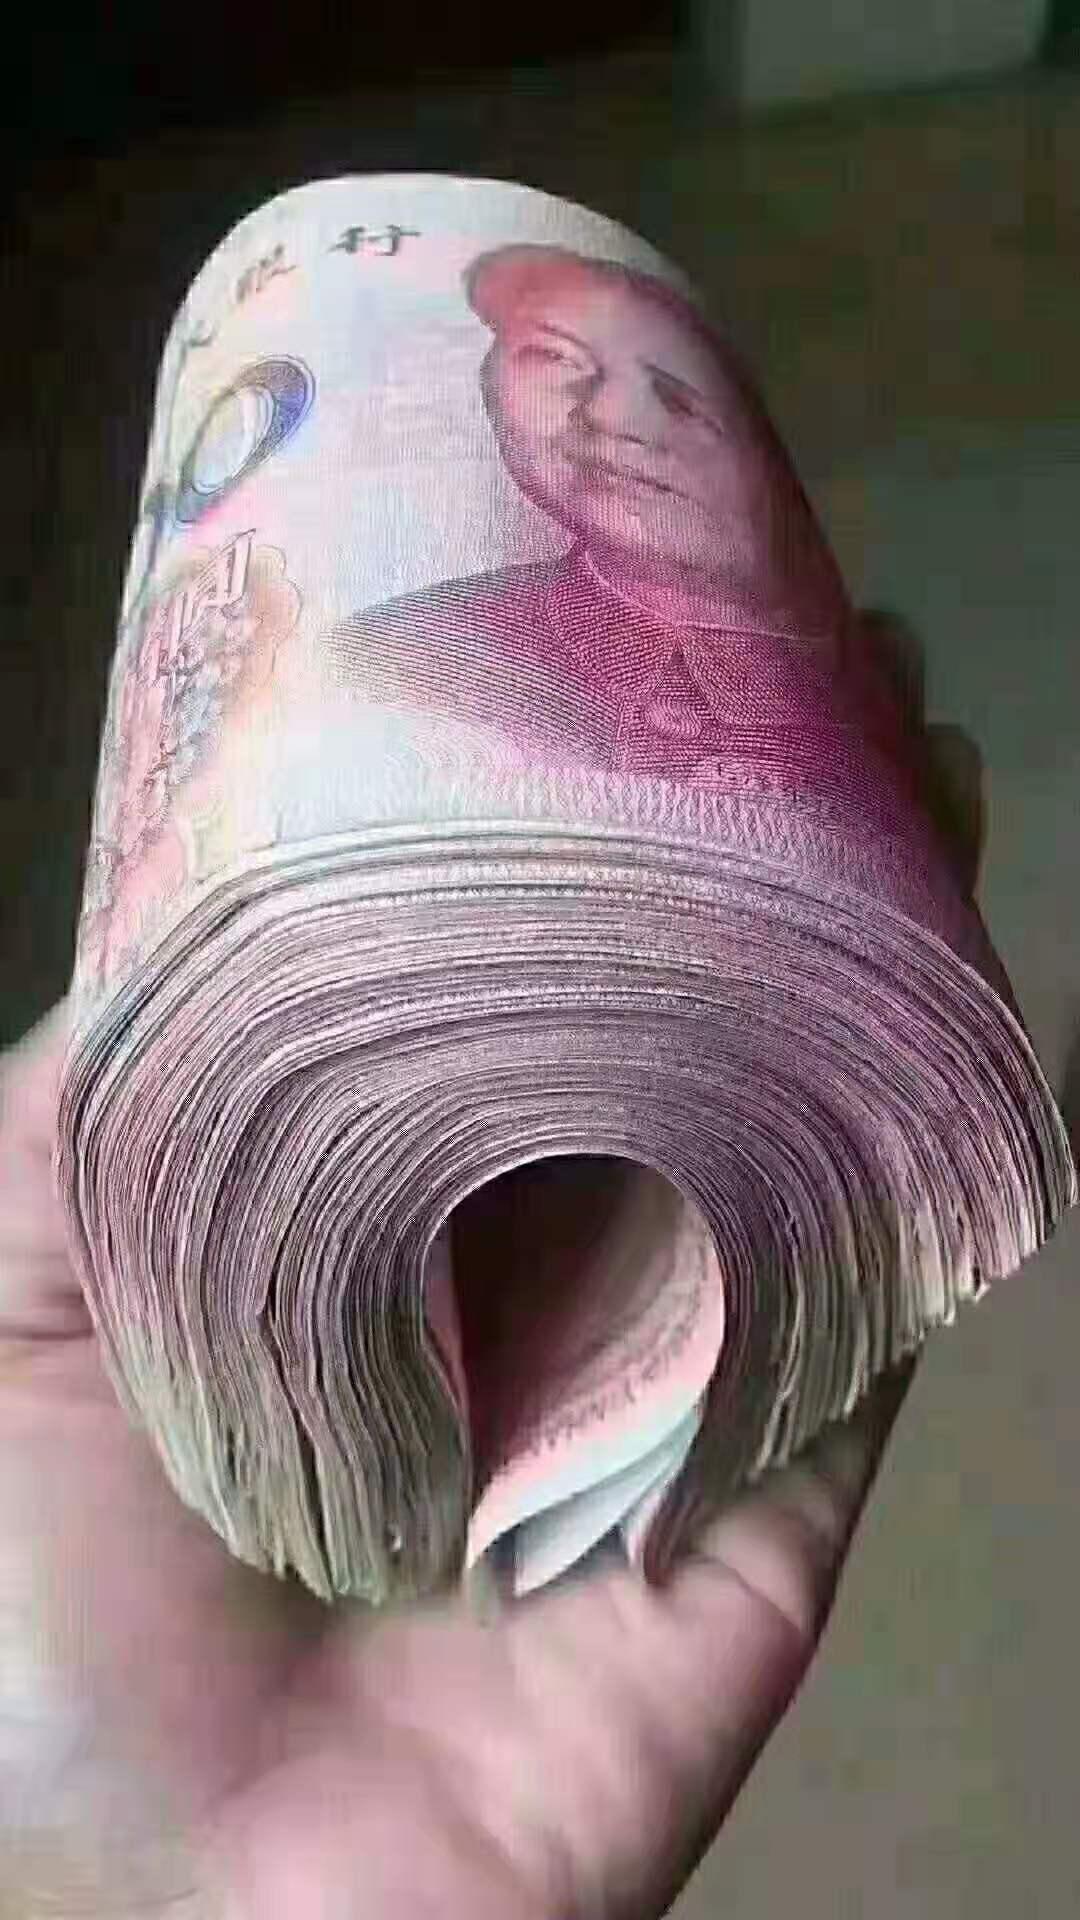 廊坊外围招聘-廊坊市市外围-廊坊高端外围招聘-月入10万-全国外围招聘-免押金零费用